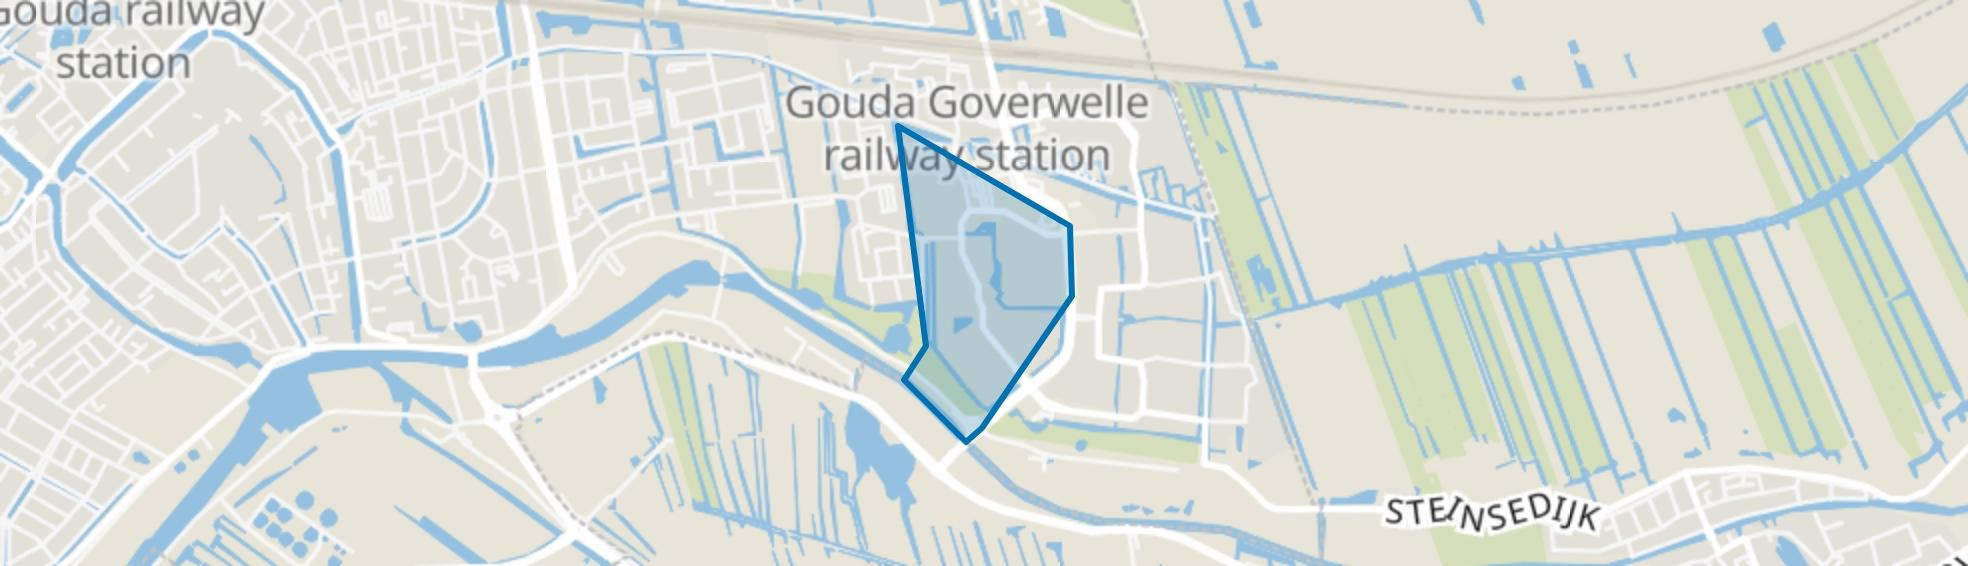 Molenbuurt, Gouda map